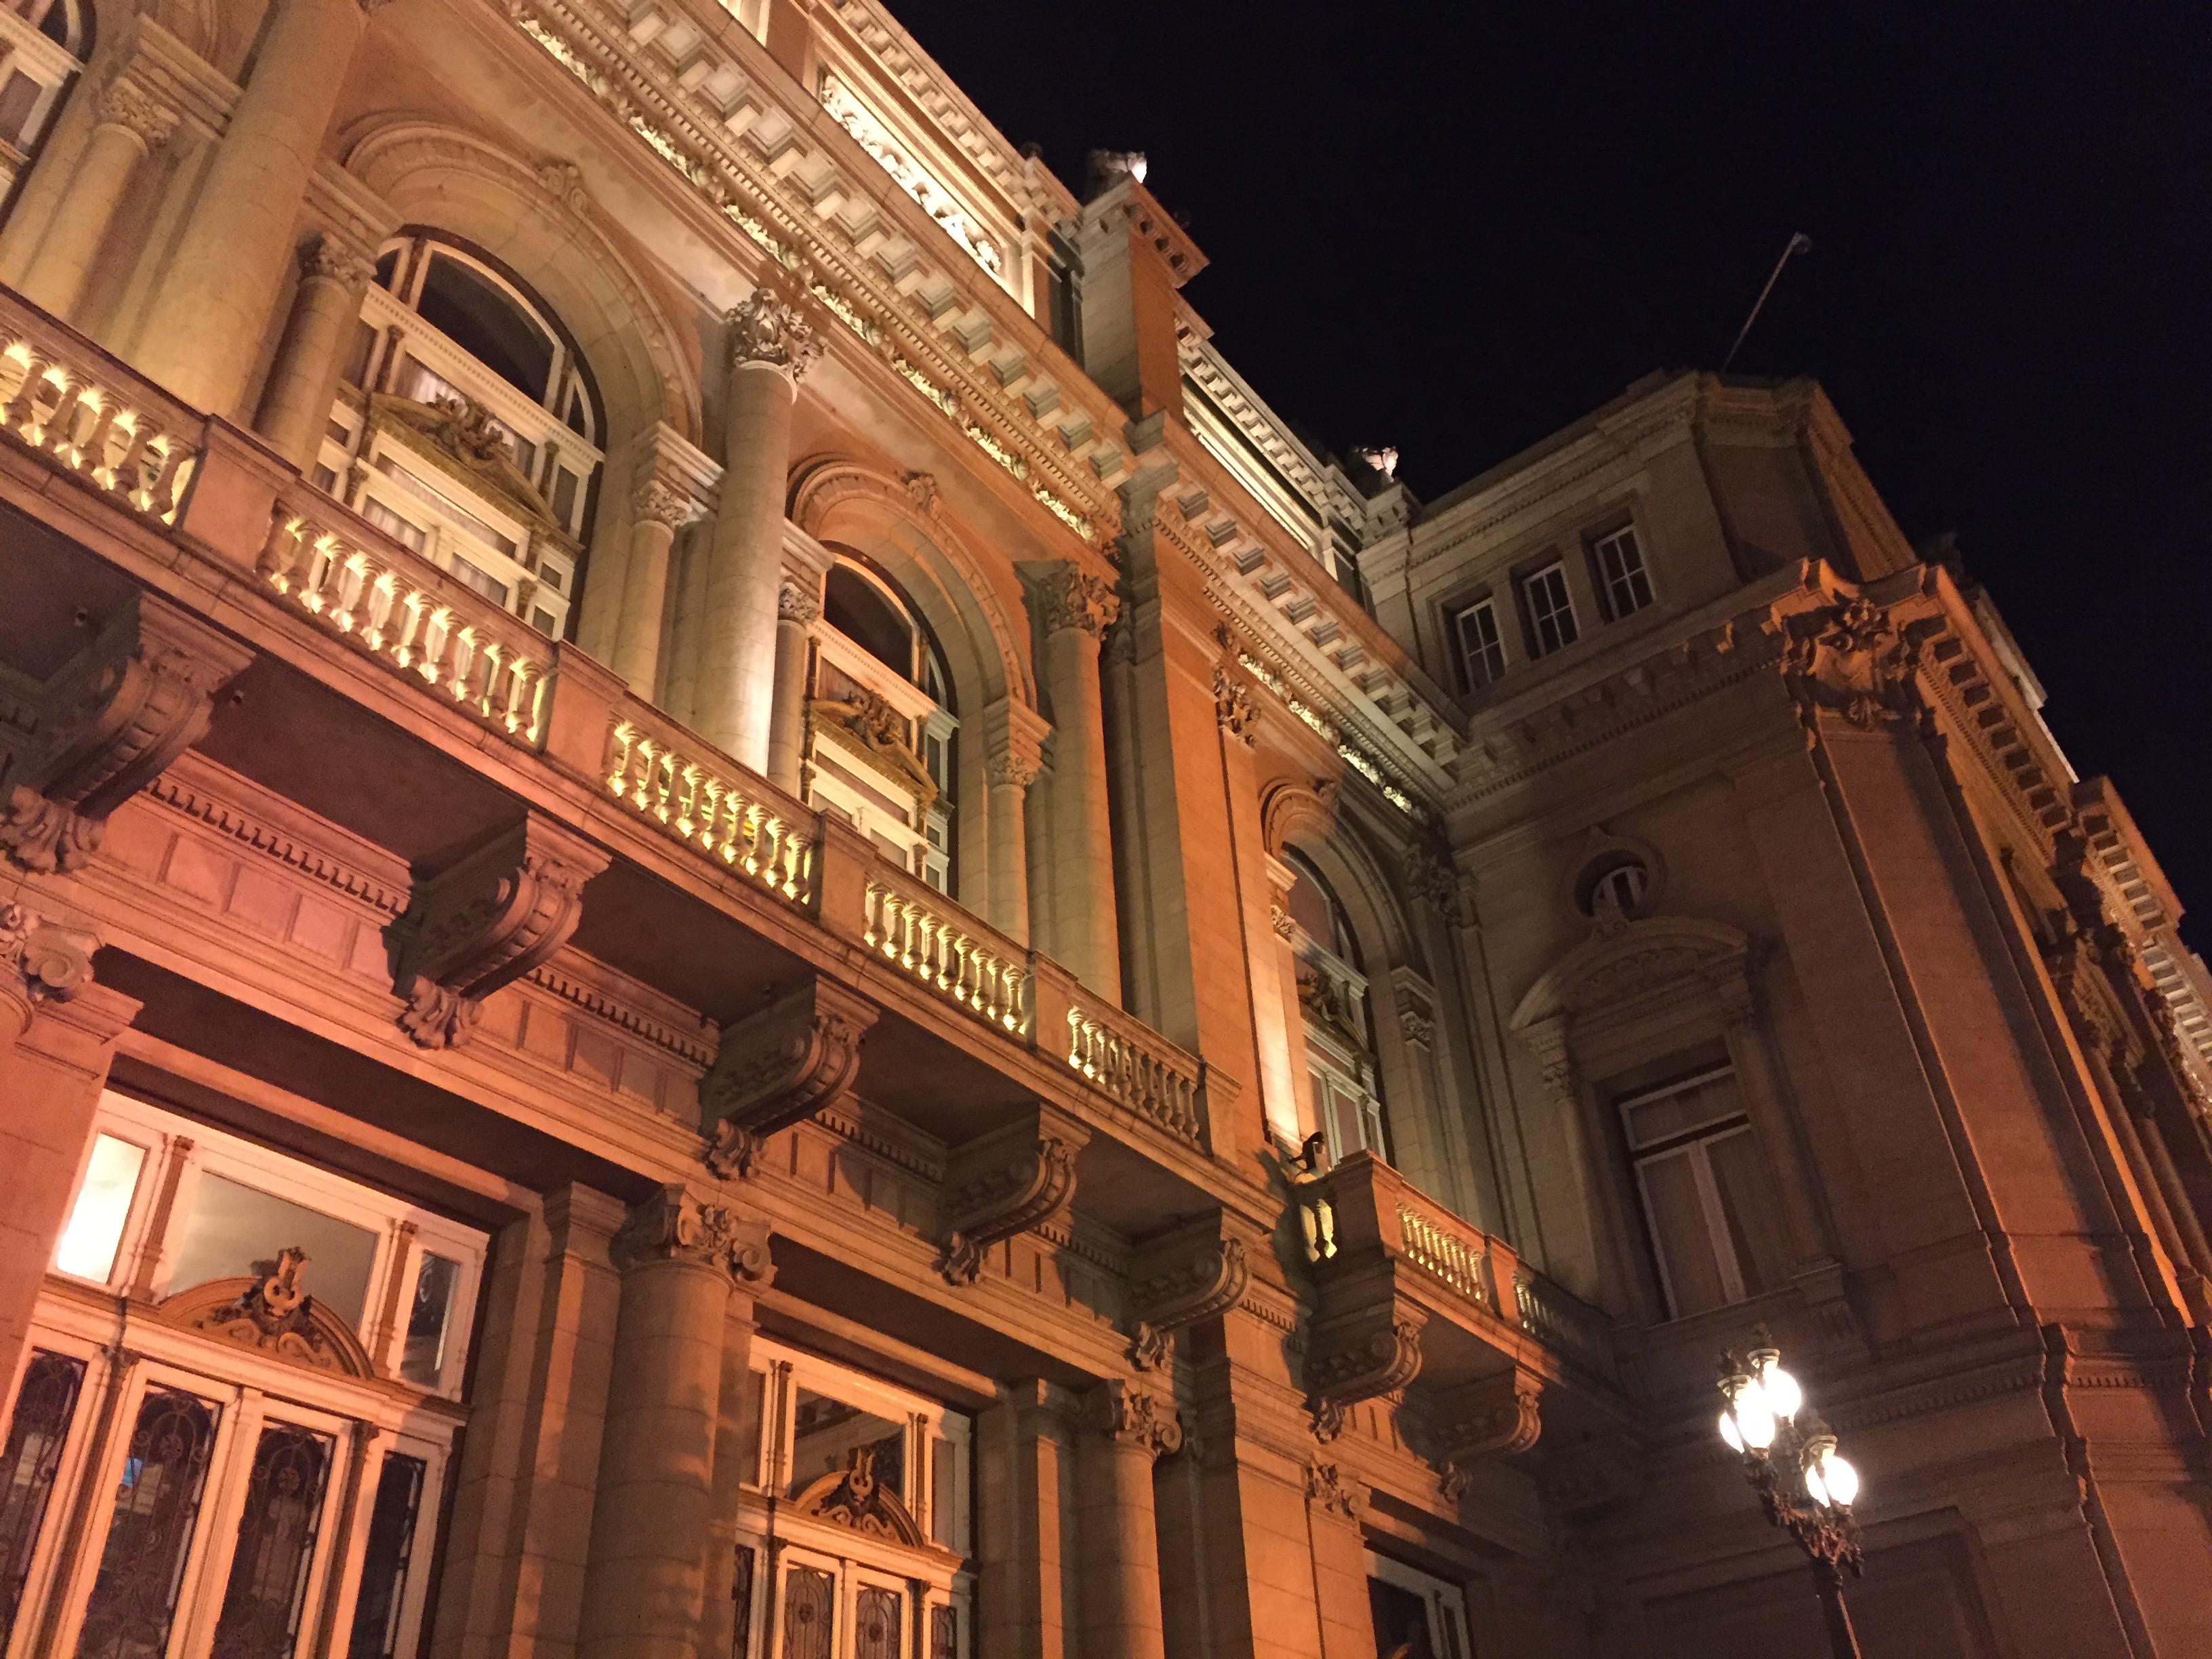 img 6732 - Promoción de Mastercard para vivir una experiencia única en el Teatro Colón